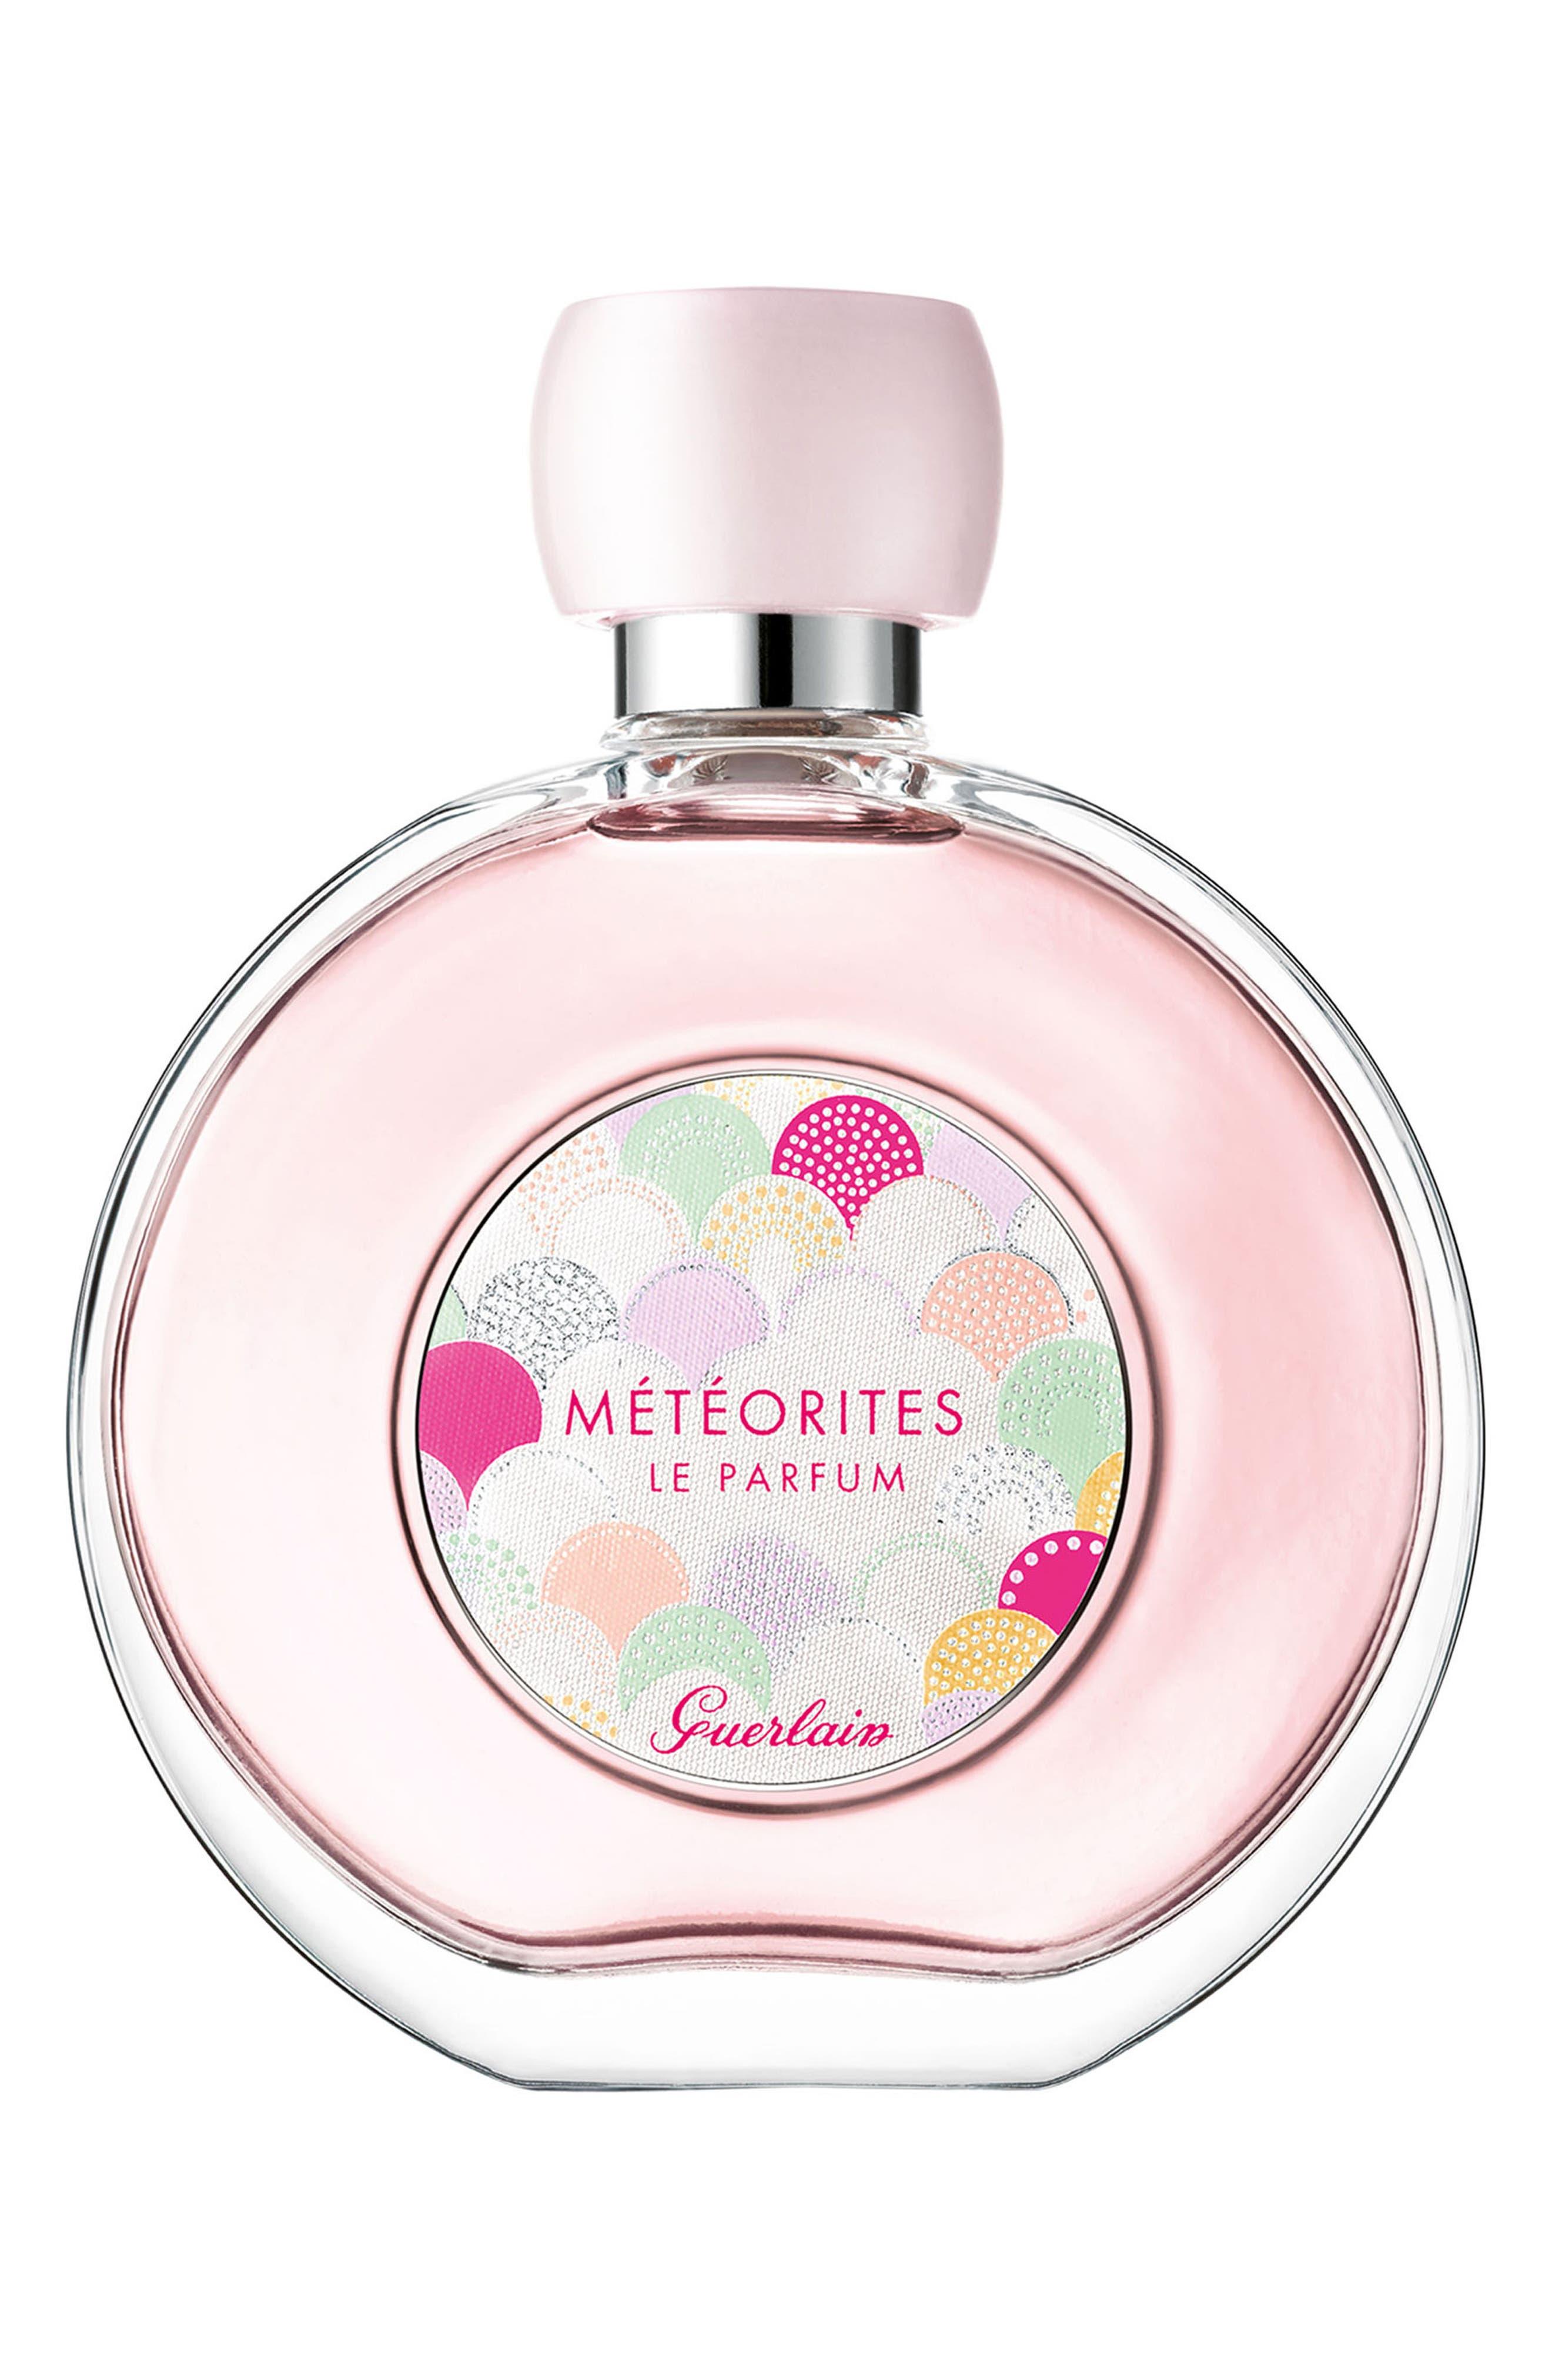 Guerlain Météorites Le Parfum Eau de Toilette